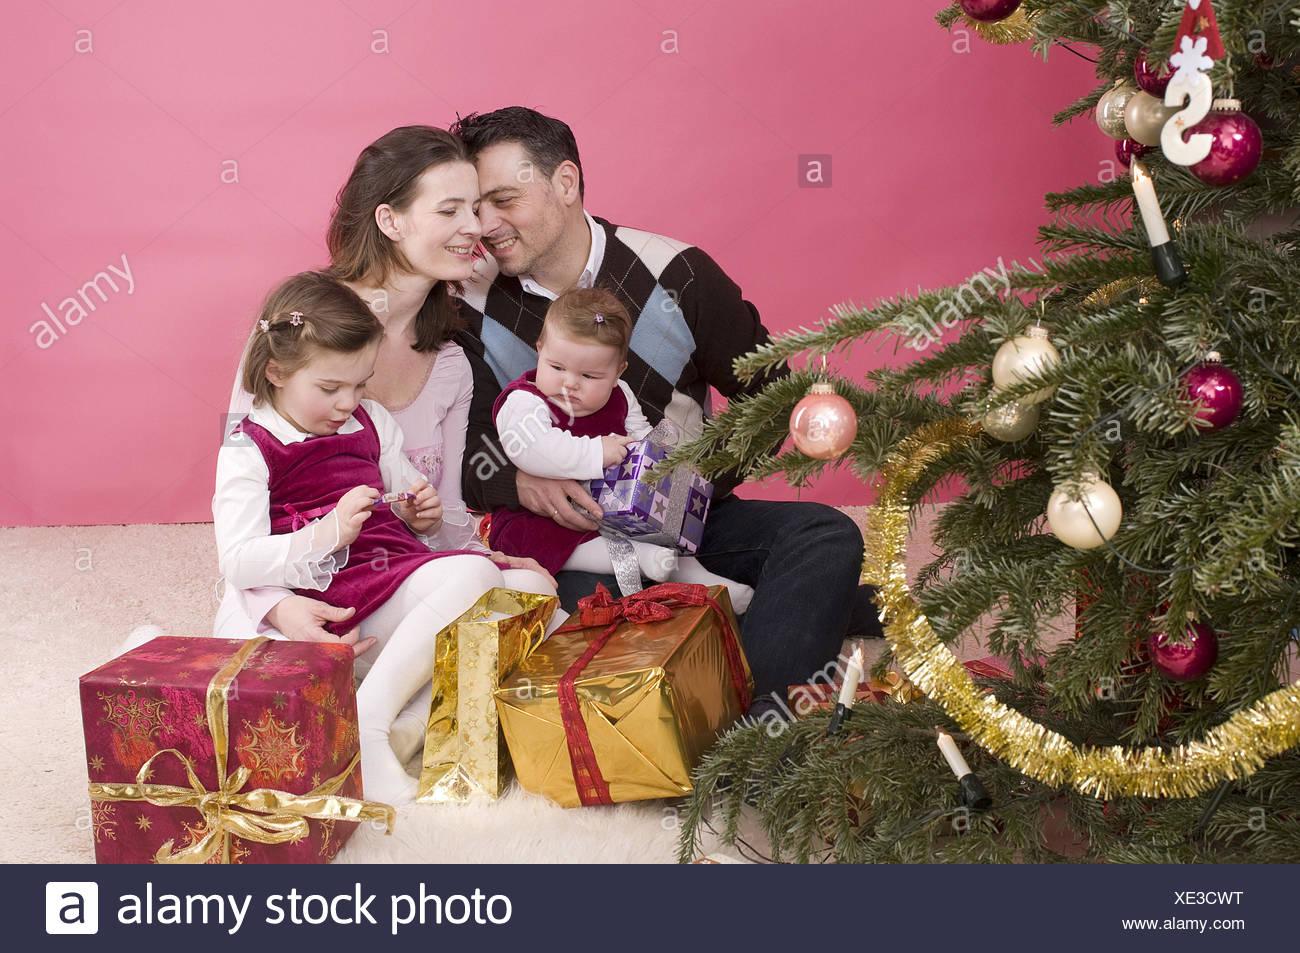 Foto Di Natale Famiglia.Famiglia Felicemente Albero Di Natale Regali Foto